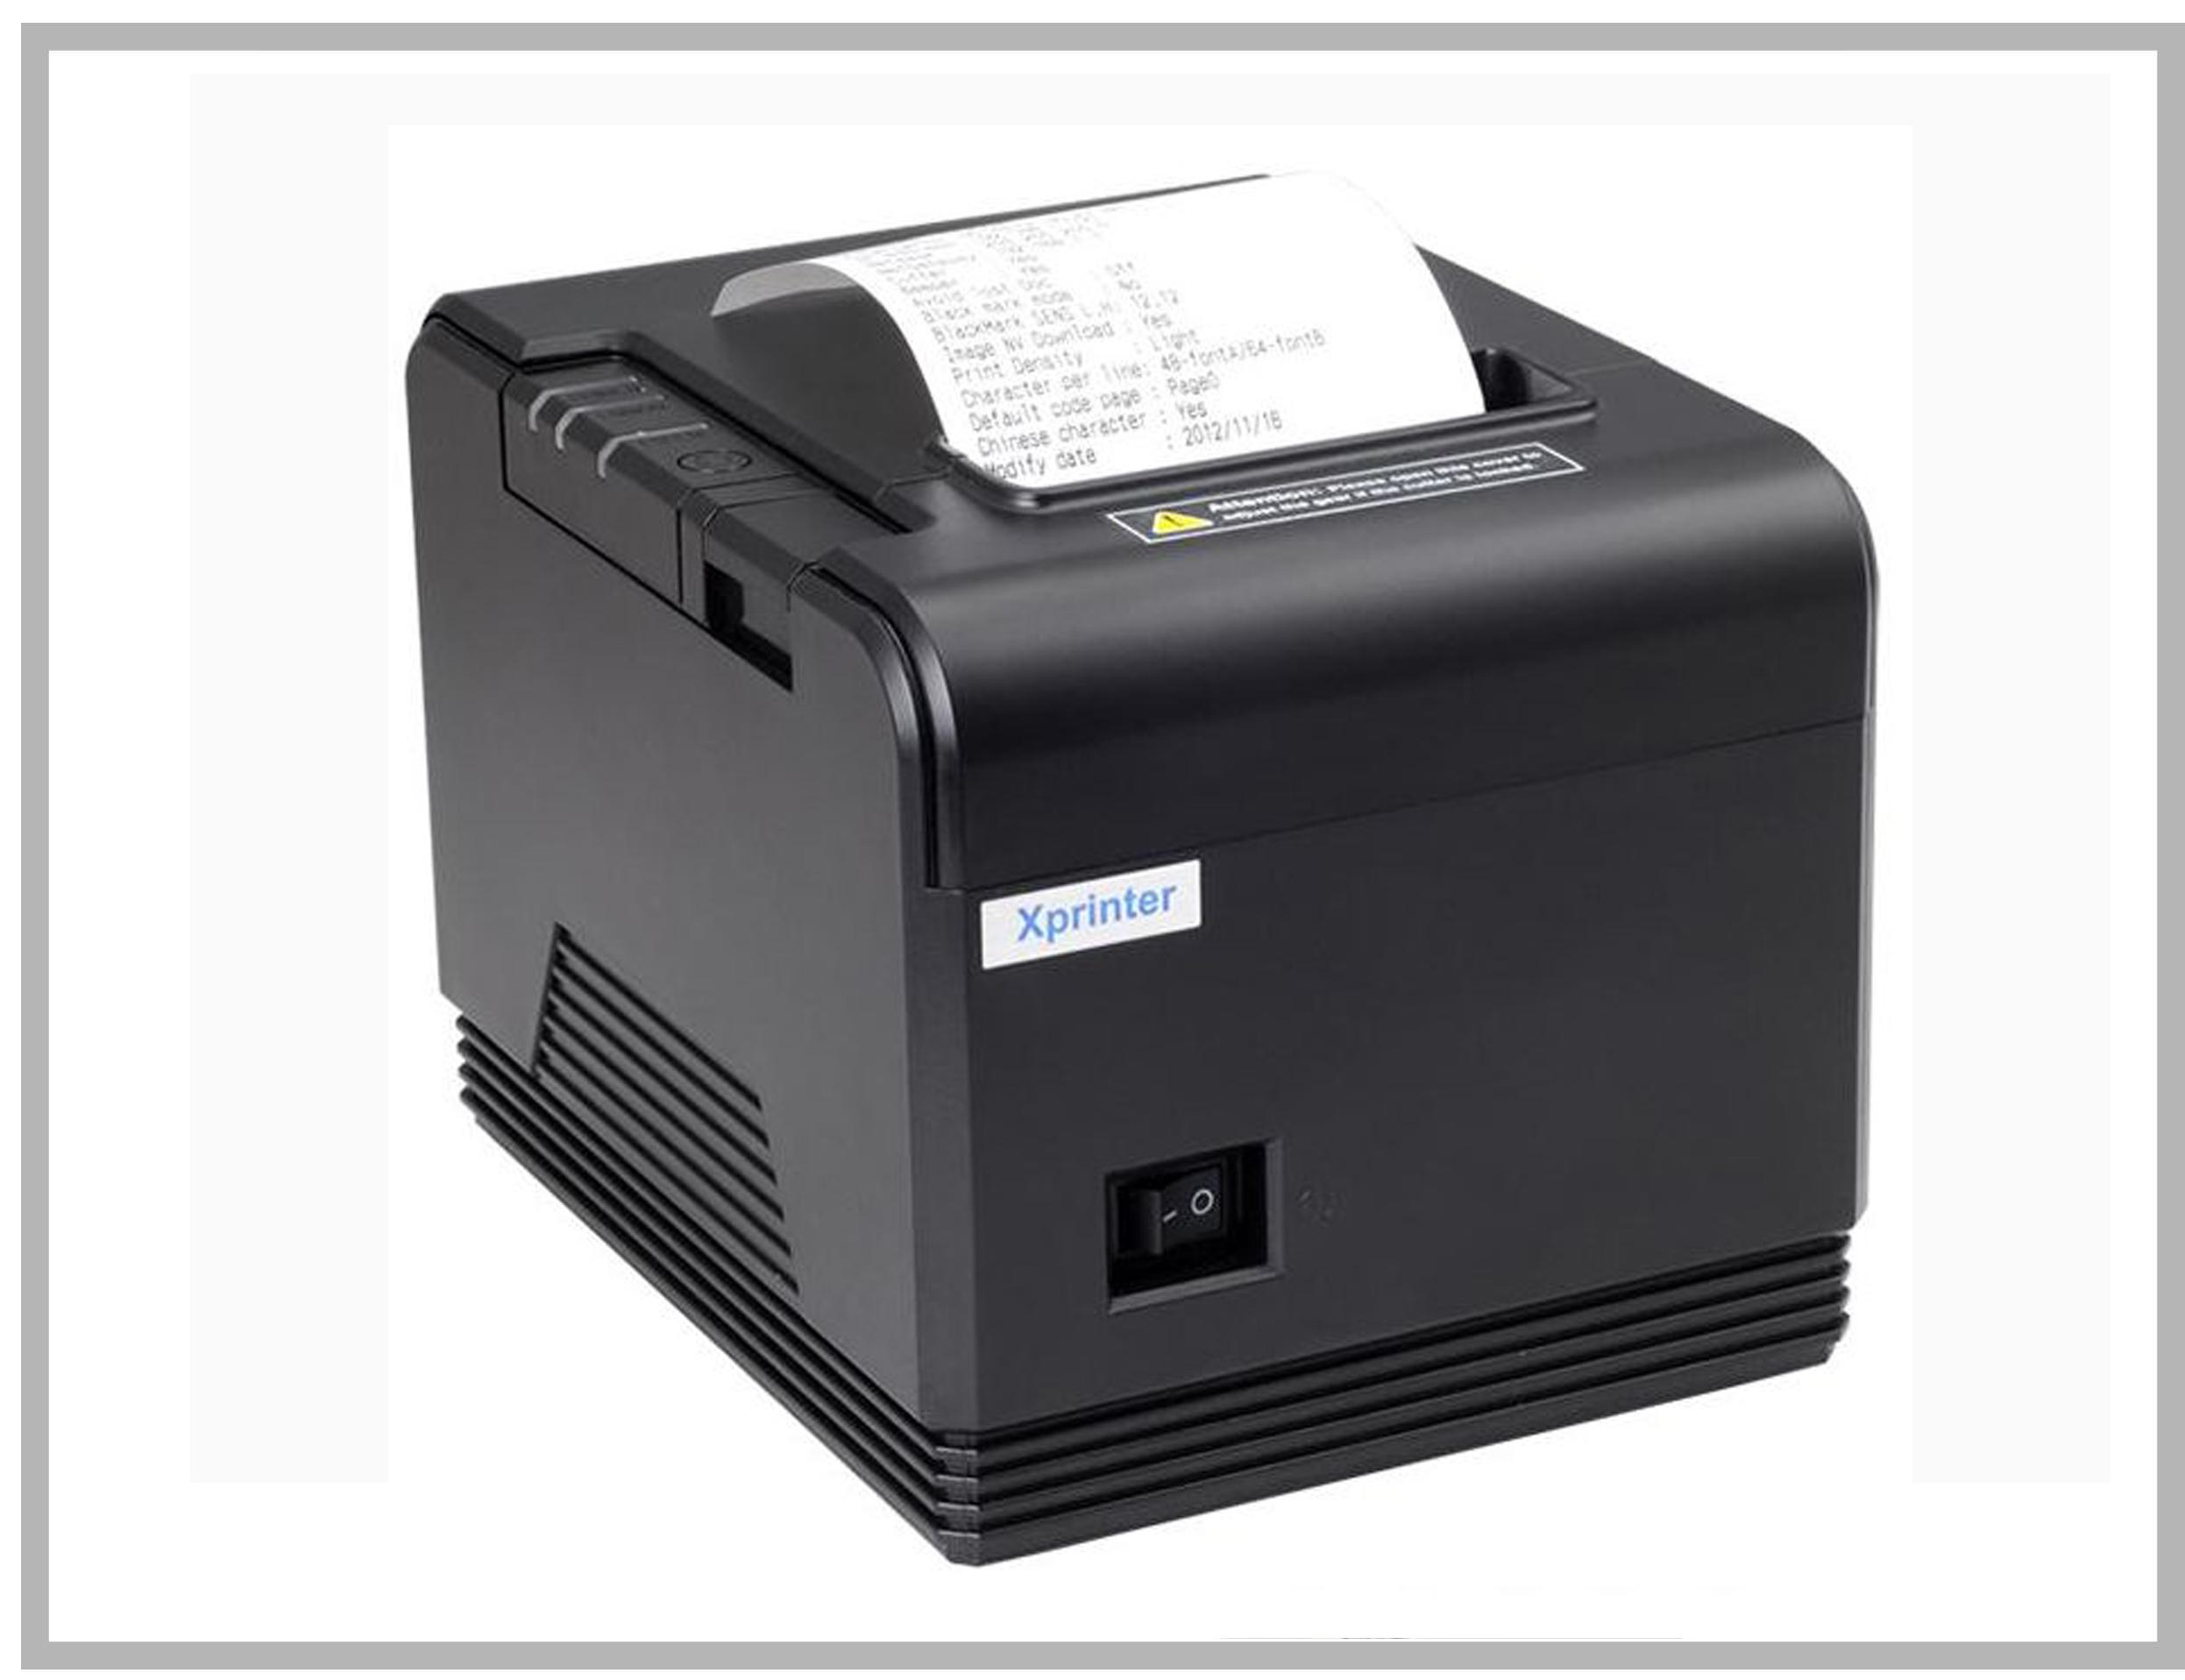 XPRINTER-Q800